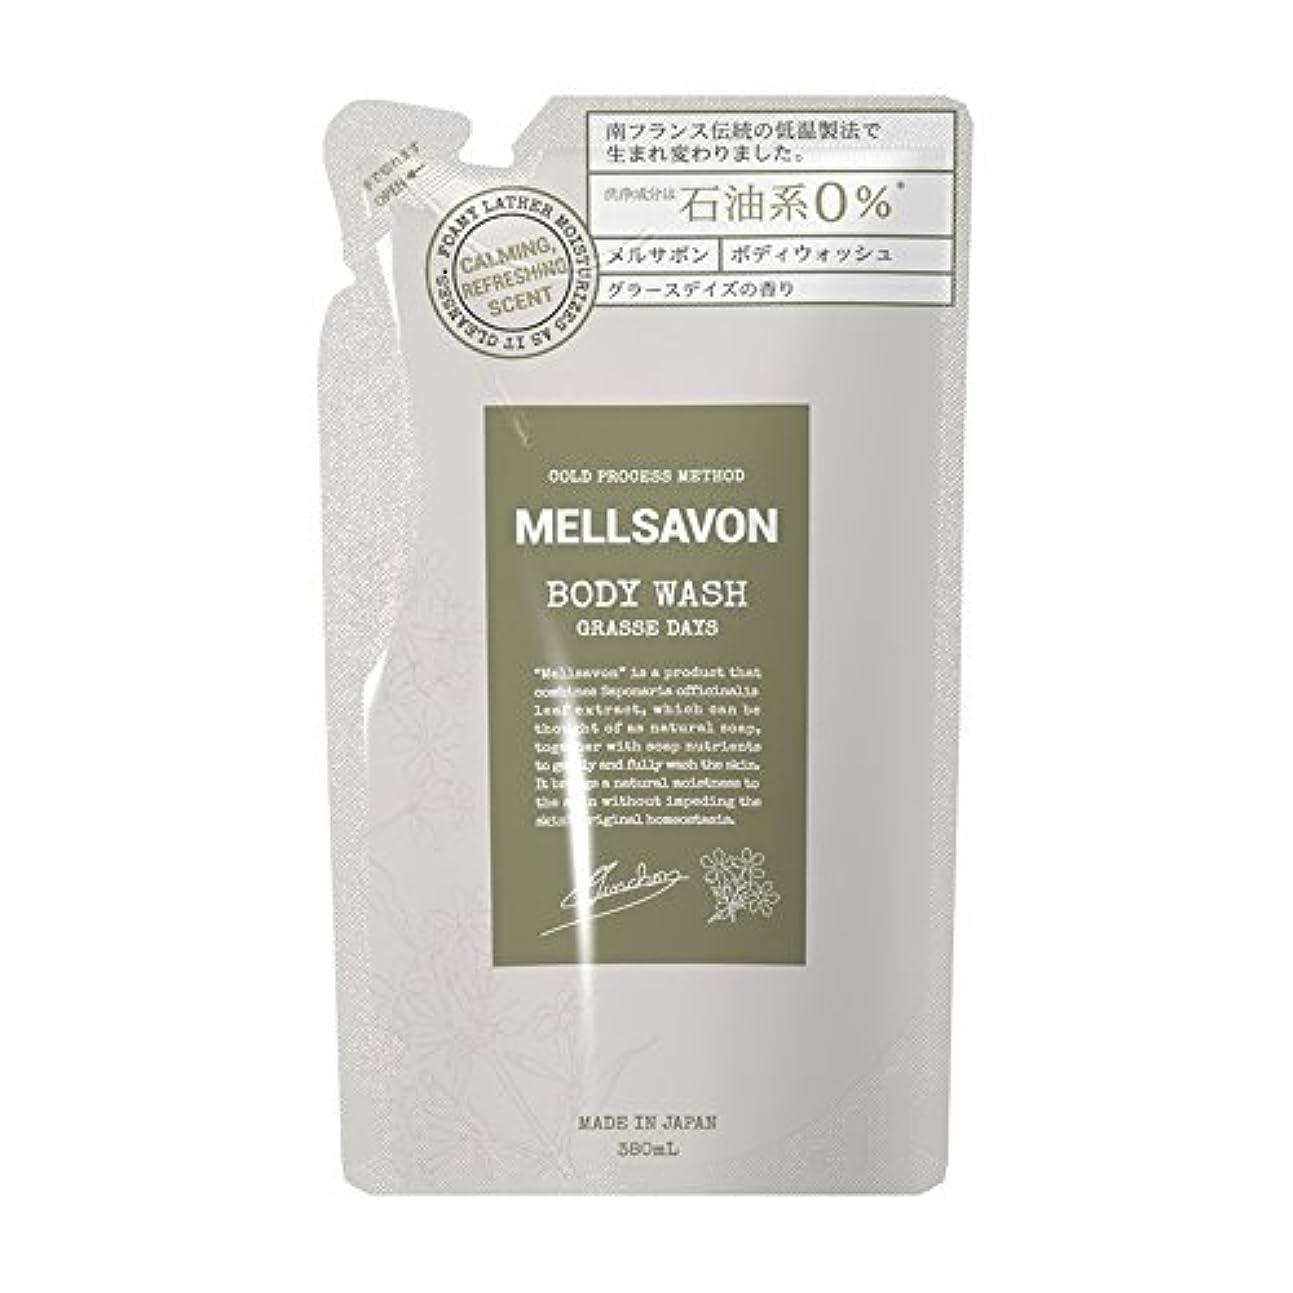 たくさんかみそり不十分Mellsavon(メルサボン) メルサボン ボディウォッシュ グラースデイズ 詰替 380mL ボディソープ